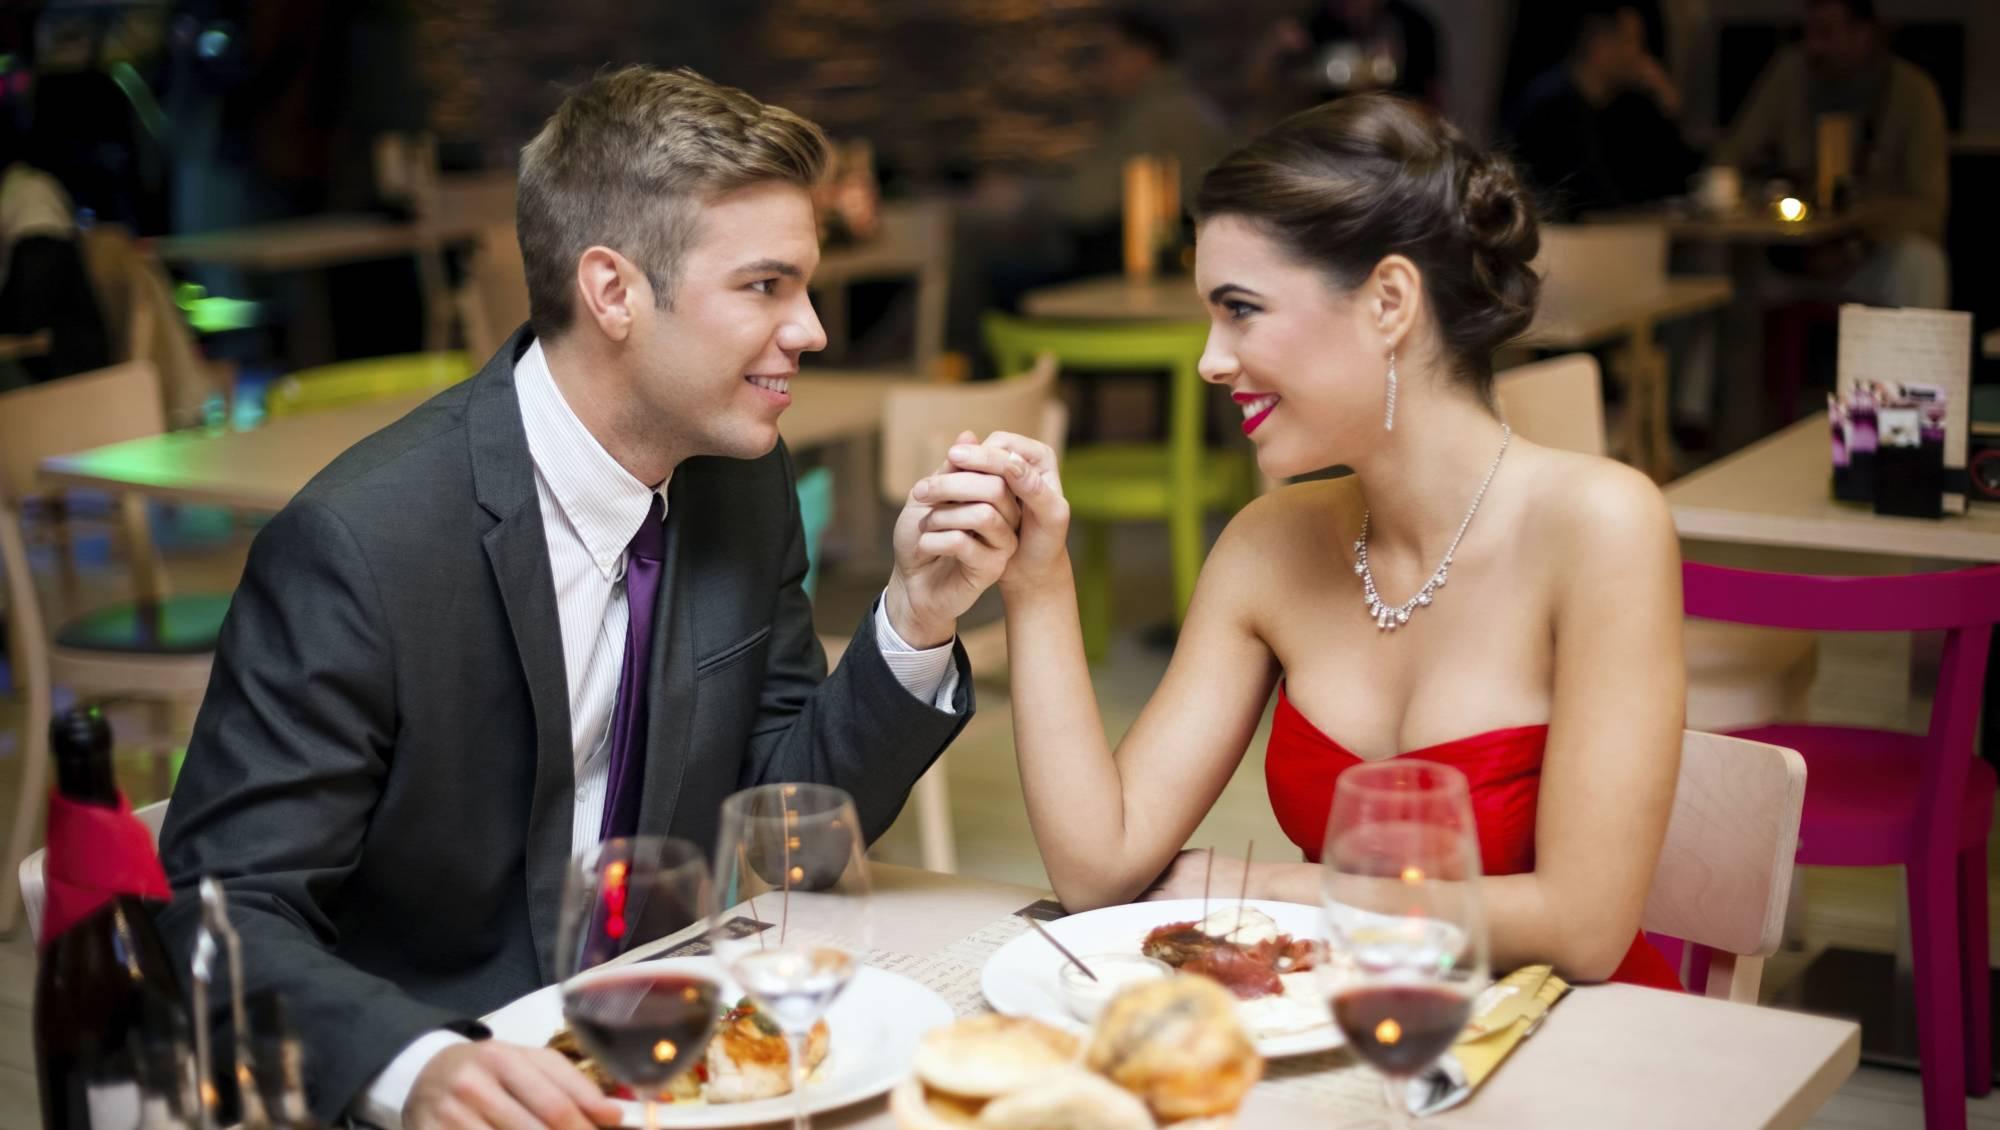 очередной фото влюбл в кафе уже говорилось зимы